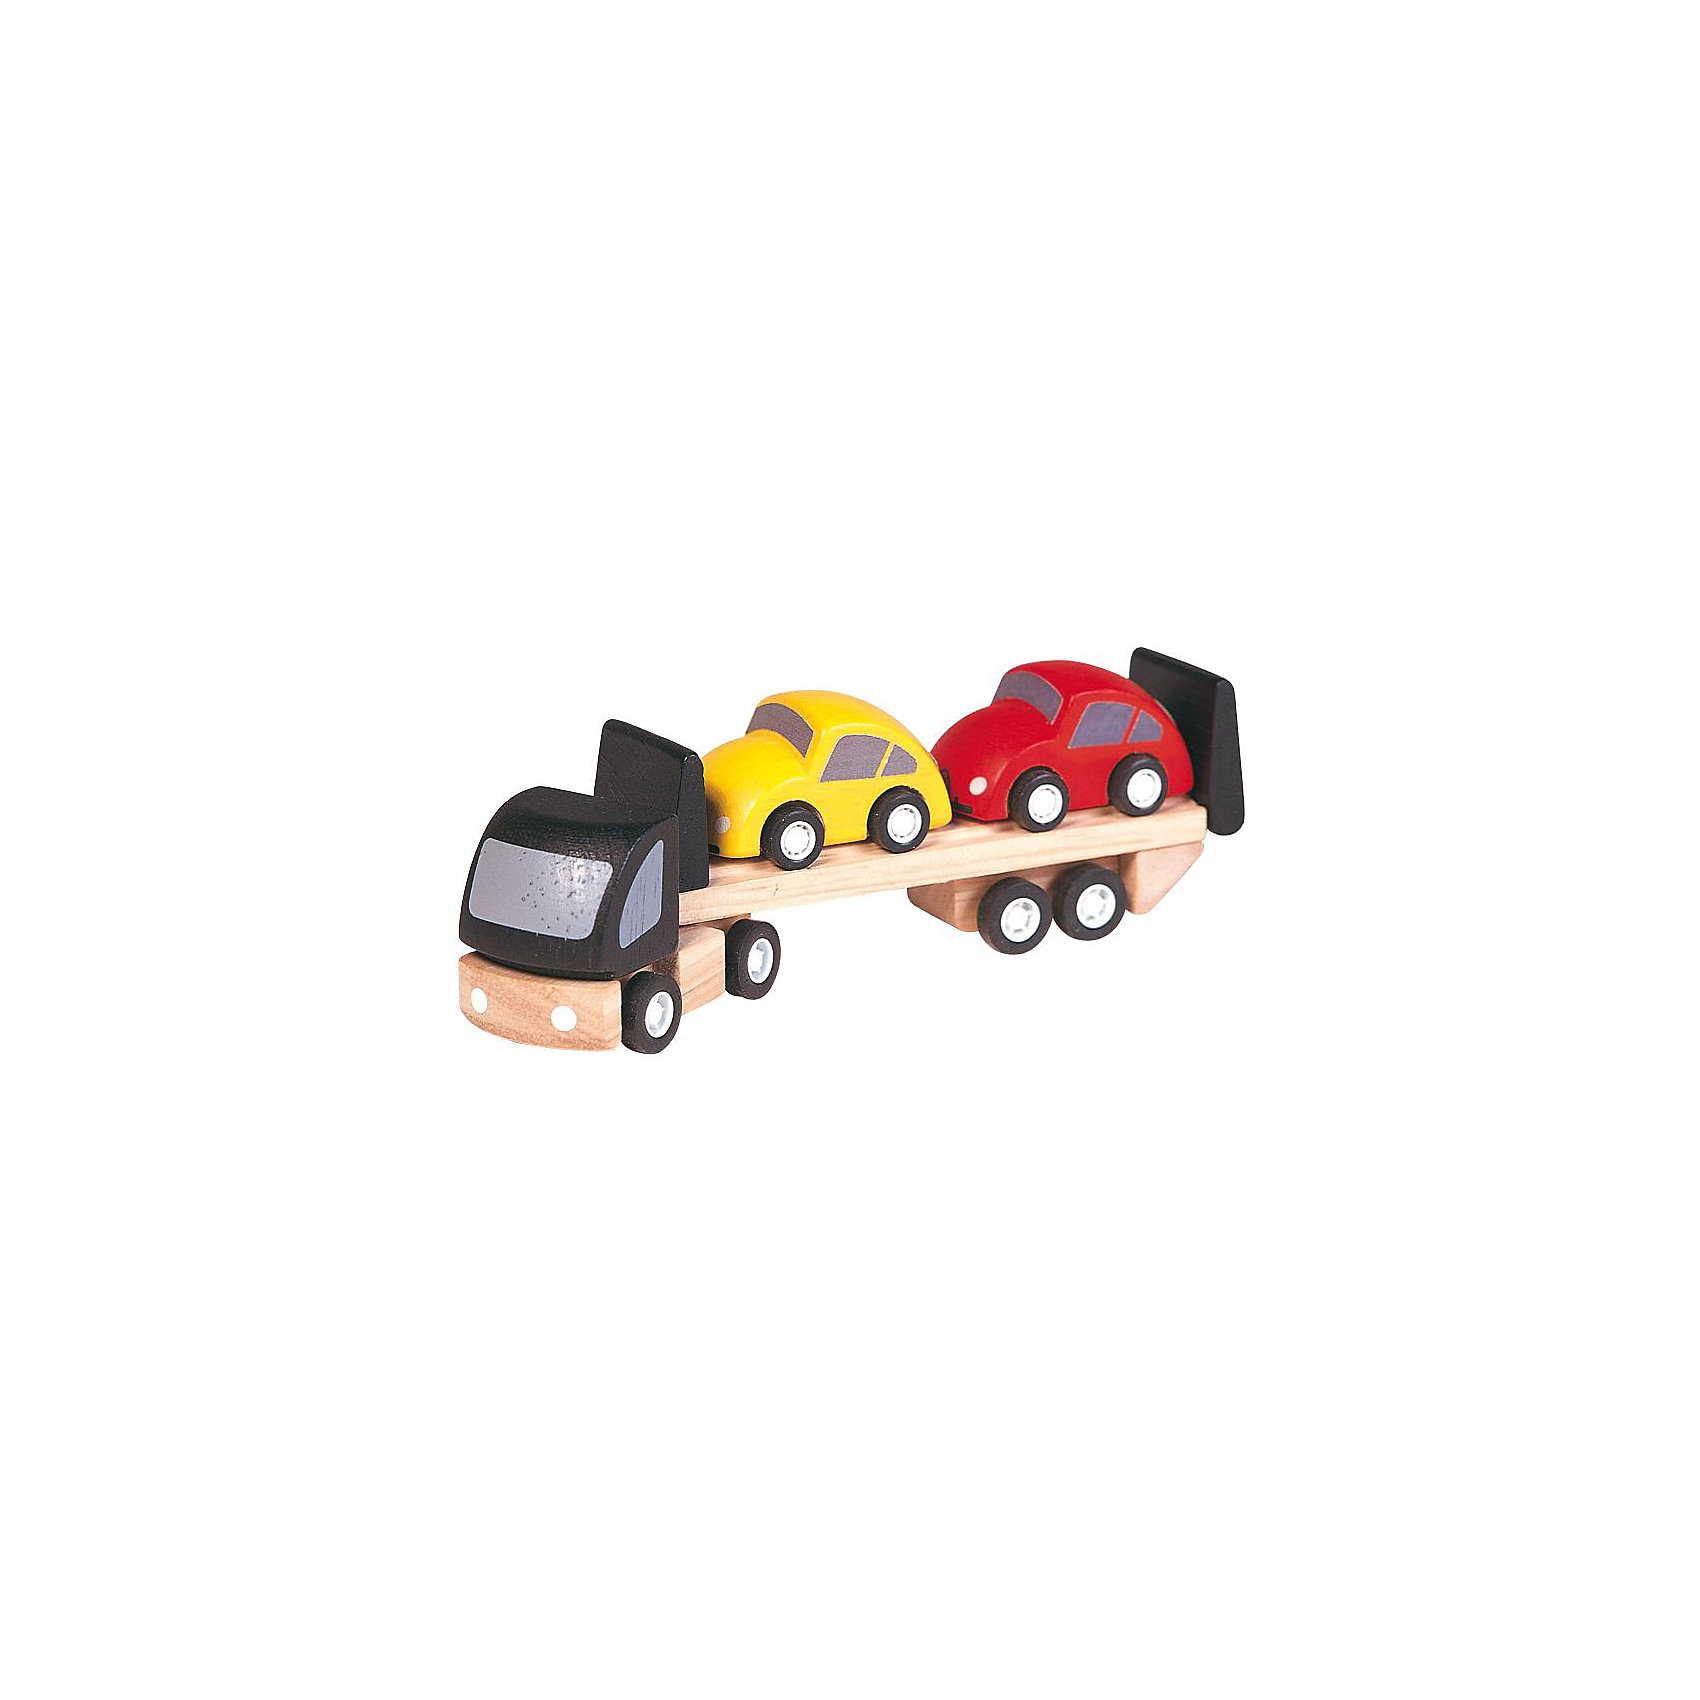 Автовоз, Plan ToysДети могут создавать различные истории с помощью игры с хорошо знакомыми машинками. А что, если машинка сломалась? Её необходимо отвезти на станцию техоблуживания с помощью трейлера для перевозки машин! А если автомобиль припаркован в неположенном месте? Опять не обойтись без транспортера - малыш доставит машину на штраф-стоянку. В набор входит автовоз и 2 ярких автомобиля.  Серия Plan City способствует расширению детского кругозора и является идеальной для ролевых игр. Развивает воображение ребенка и его творческие способности. Играя в машинки вместе с другими детьми, малыши учатся таким социальным правилам, как брать и давать, взаимодействие, сотрудничество и обмен. Все машинки выполнены из каучукового дерева с использованием нетоксичных красок и специально изготавливаются с закругленными краями, чтобы избежать вероятности травмирования.<br><br>Дополнительная информация:<br><br>Размеры автовоза: 3.0 x 16.0 x 4.5 см. <br>Размеры упаковки:14.0 x 4.3 x 6.3 см.<br><br>Ширина мм: 146<br>Глубина мм: 63<br>Высота мм: 43<br>Вес г: 118<br>Возраст от месяцев: 36<br>Возраст до месяцев: 72<br>Пол: Мужской<br>Возраст: Детский<br>SKU: 1861059